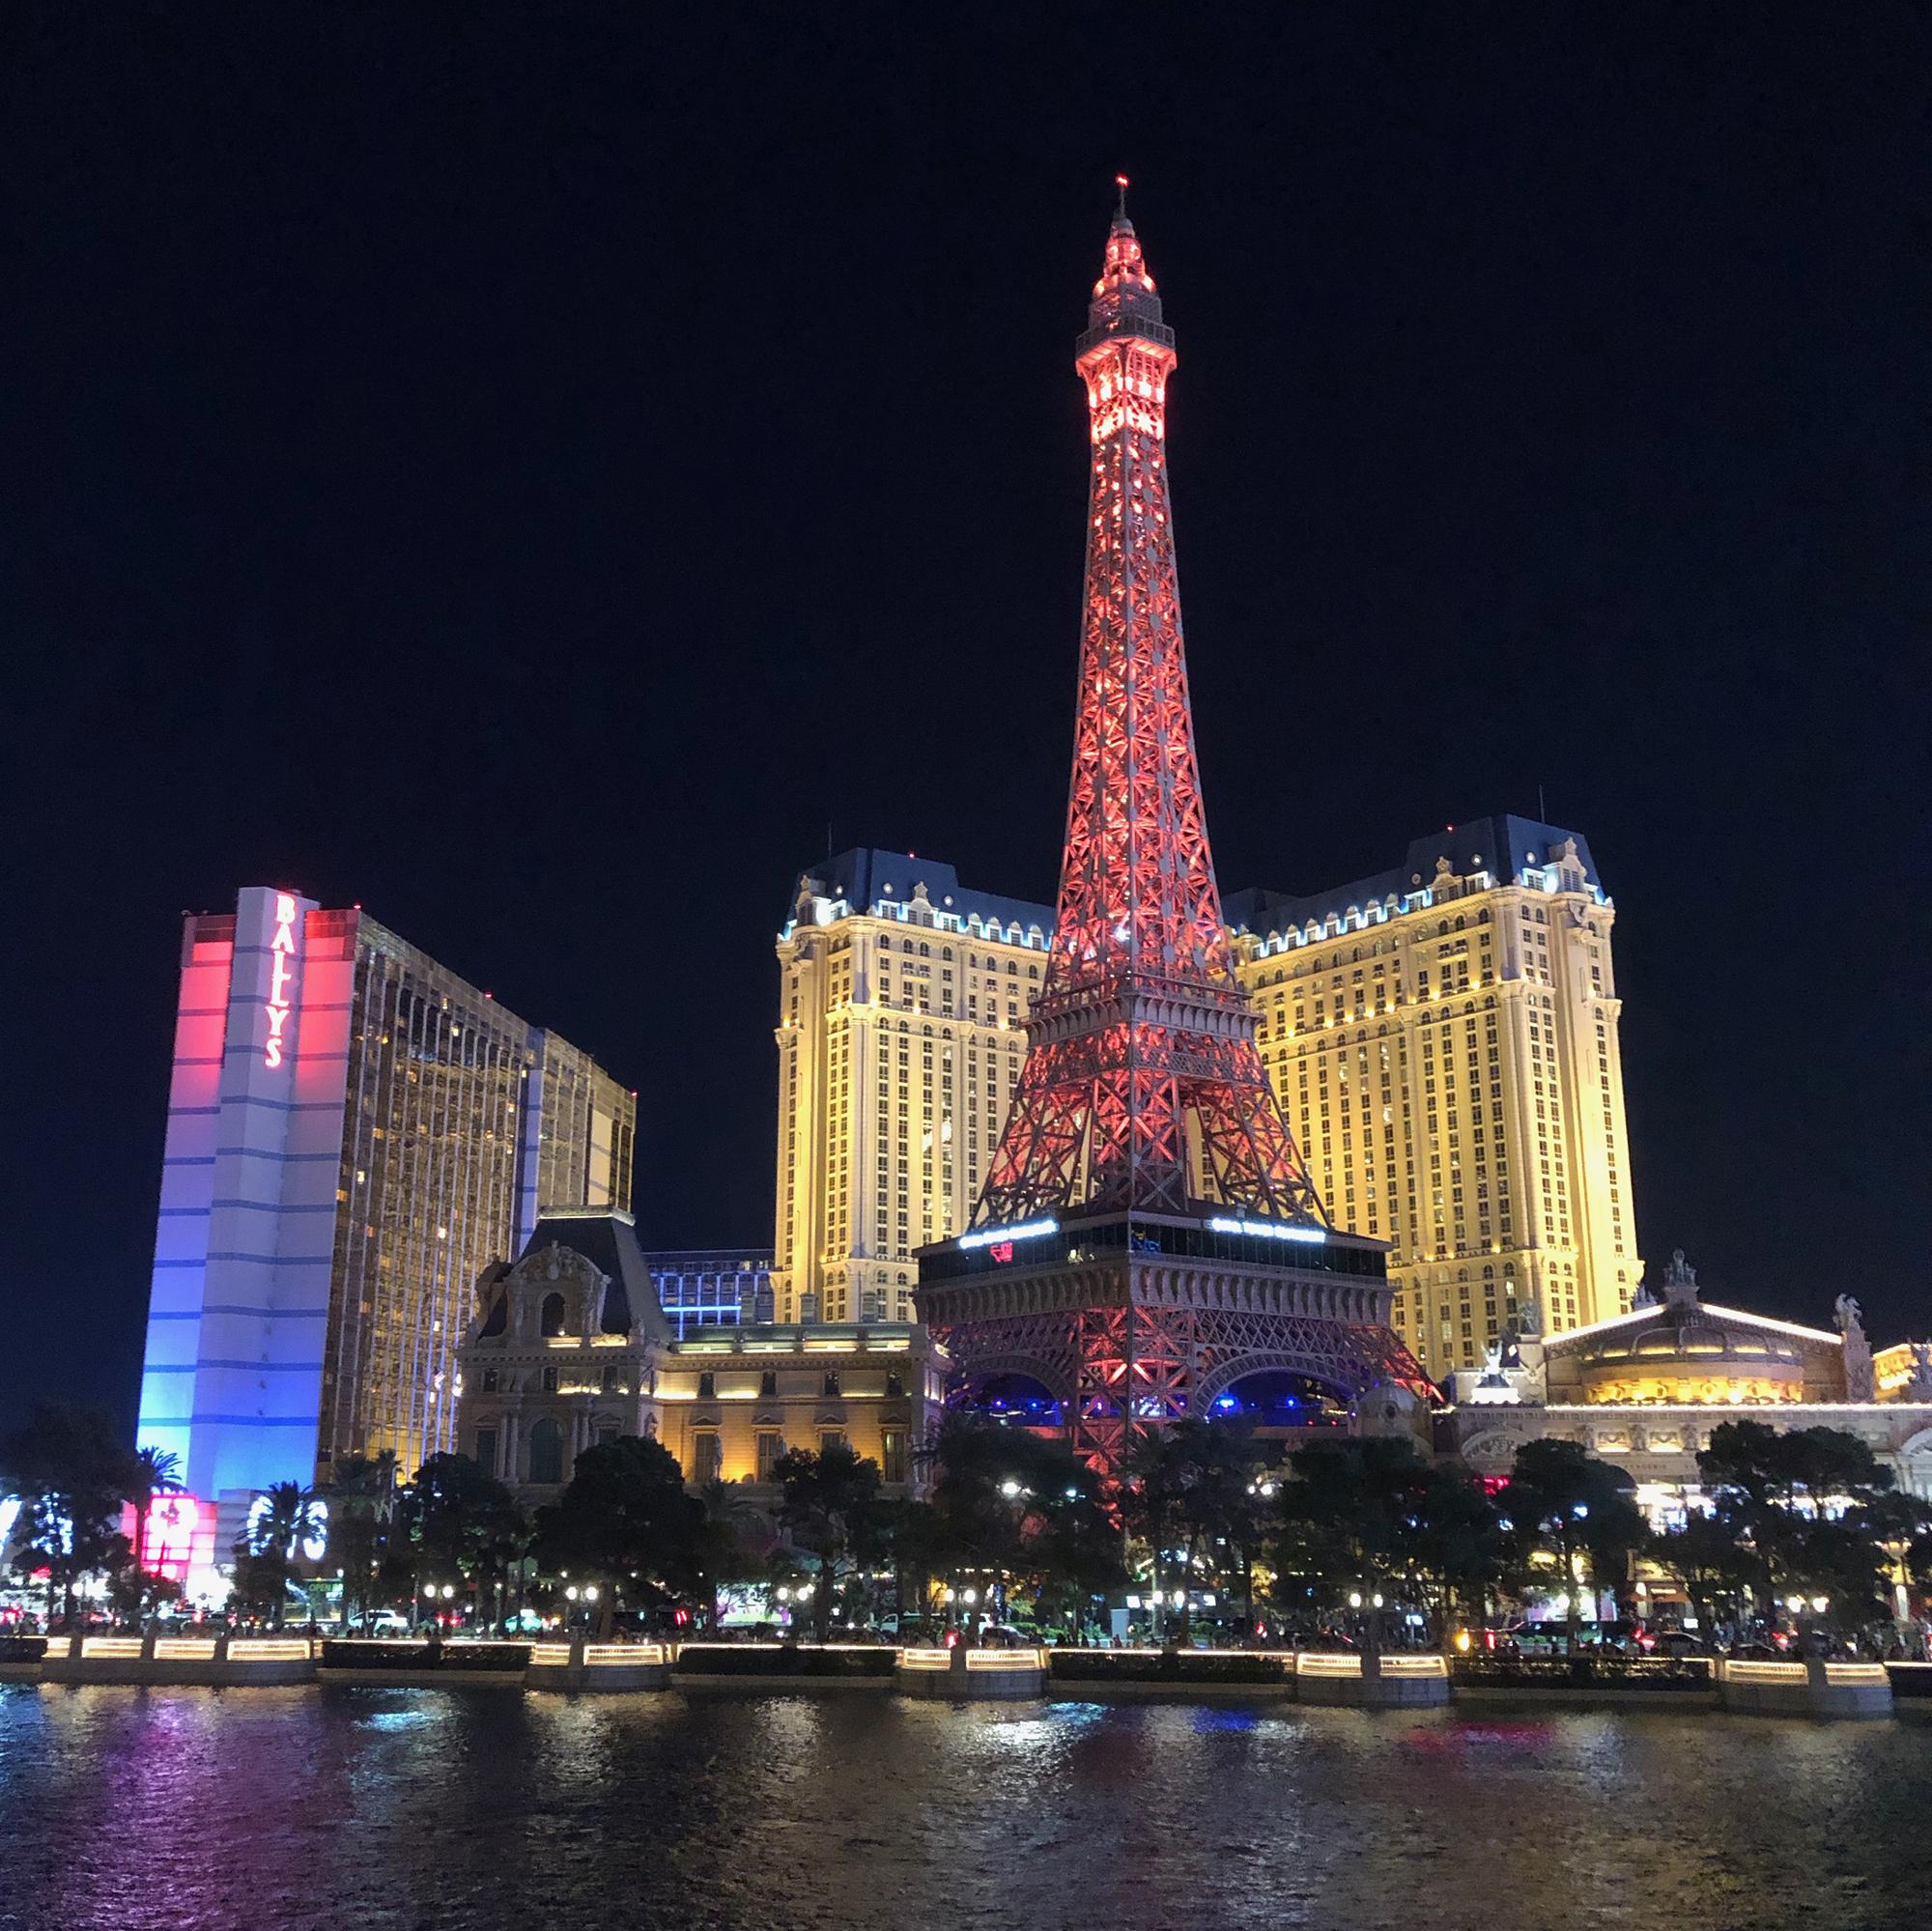 The night view of Las Vegas